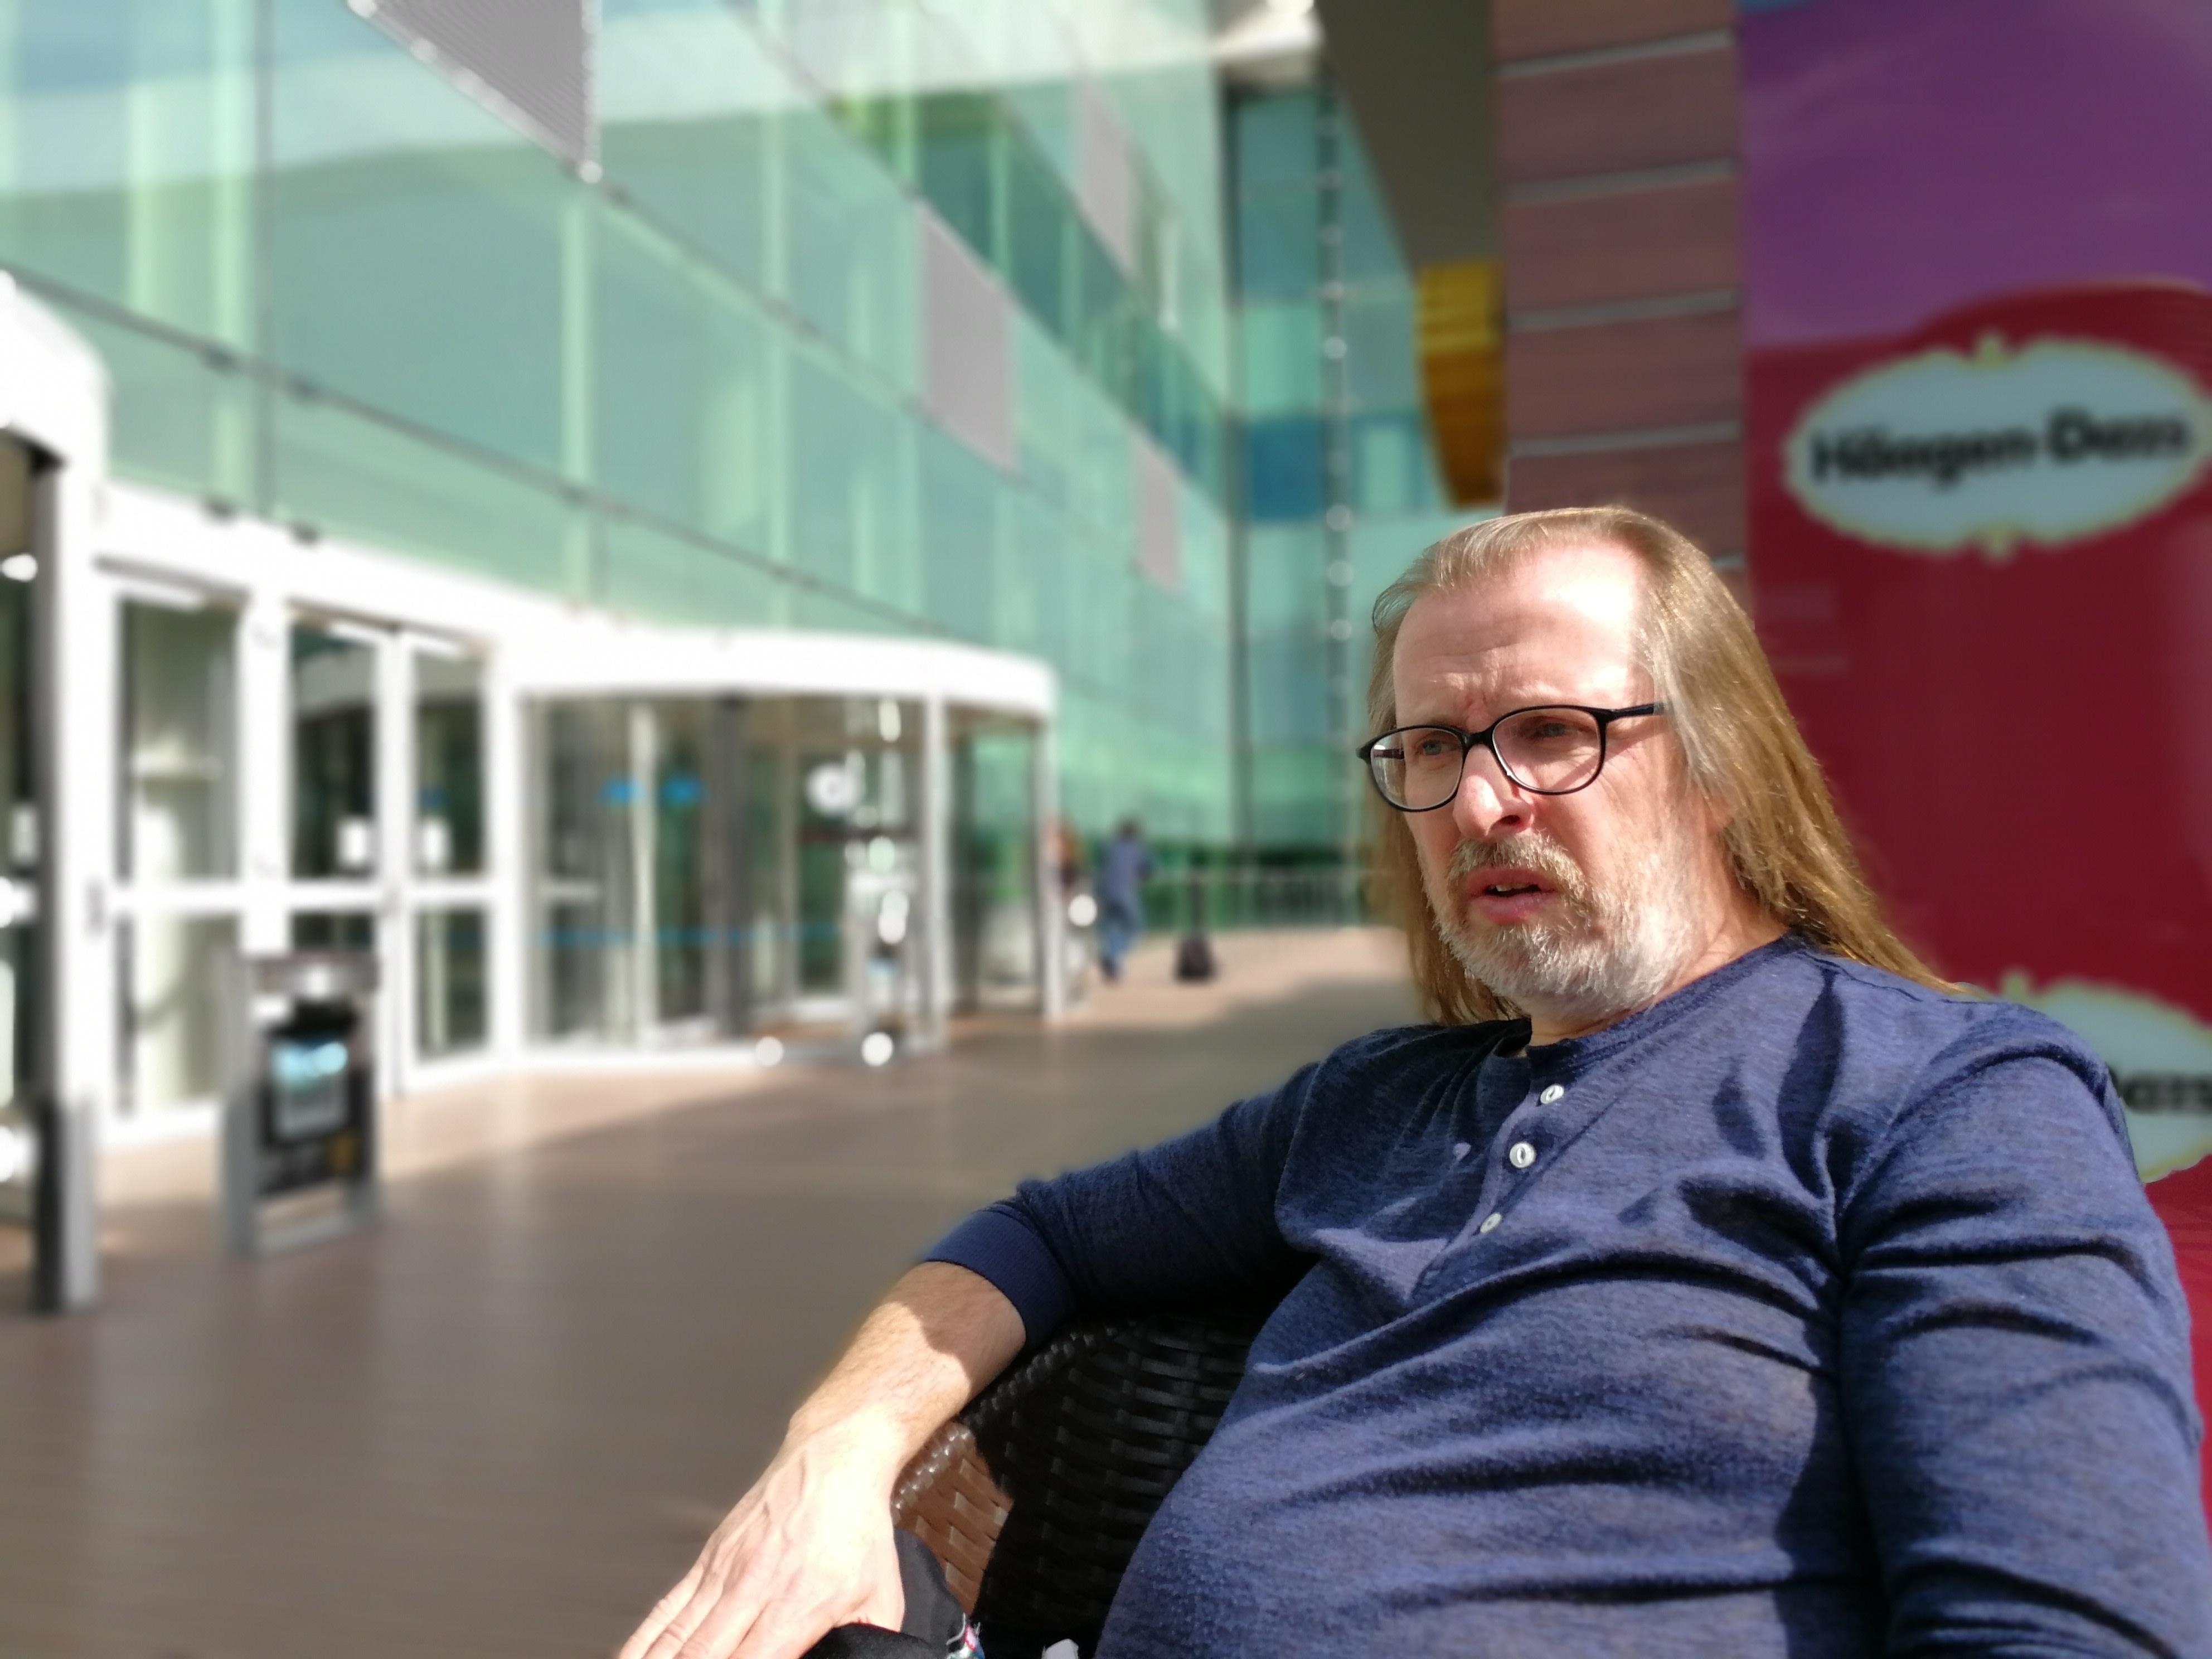 Journalist Håvard Fossen i Inside Telecom sier Chili spekulerer i at mange nok med vanlig databruk vil kjøpe Fri Data-abonnementet deres. Bilde: Finn Jarle Kvalheim, Tek.no